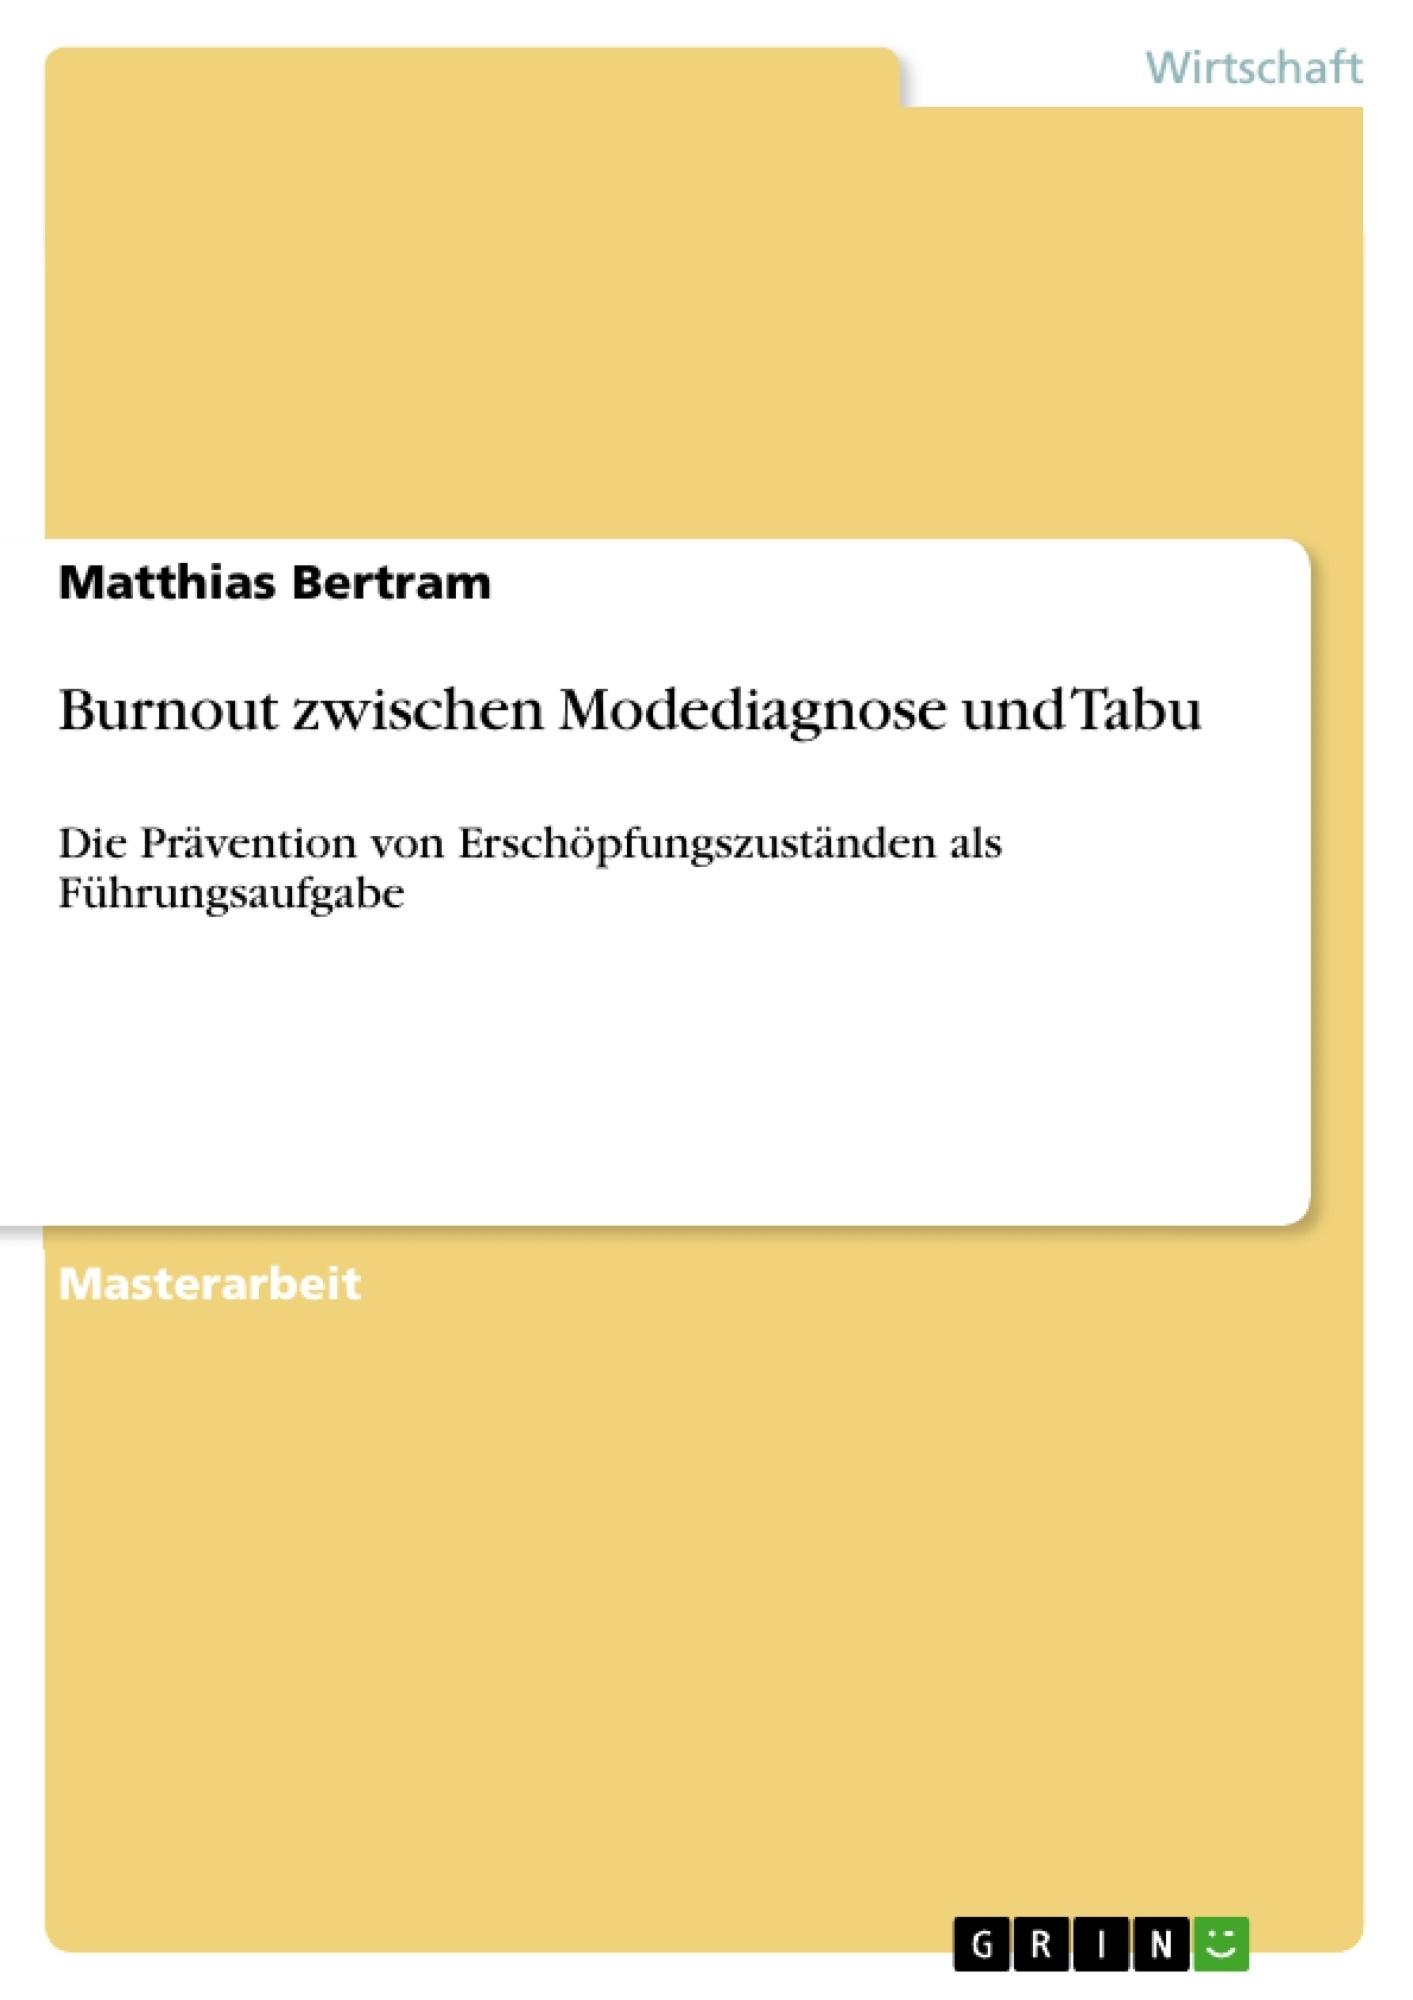 Titel: Burnout zwischen Modediagnose und Tabu